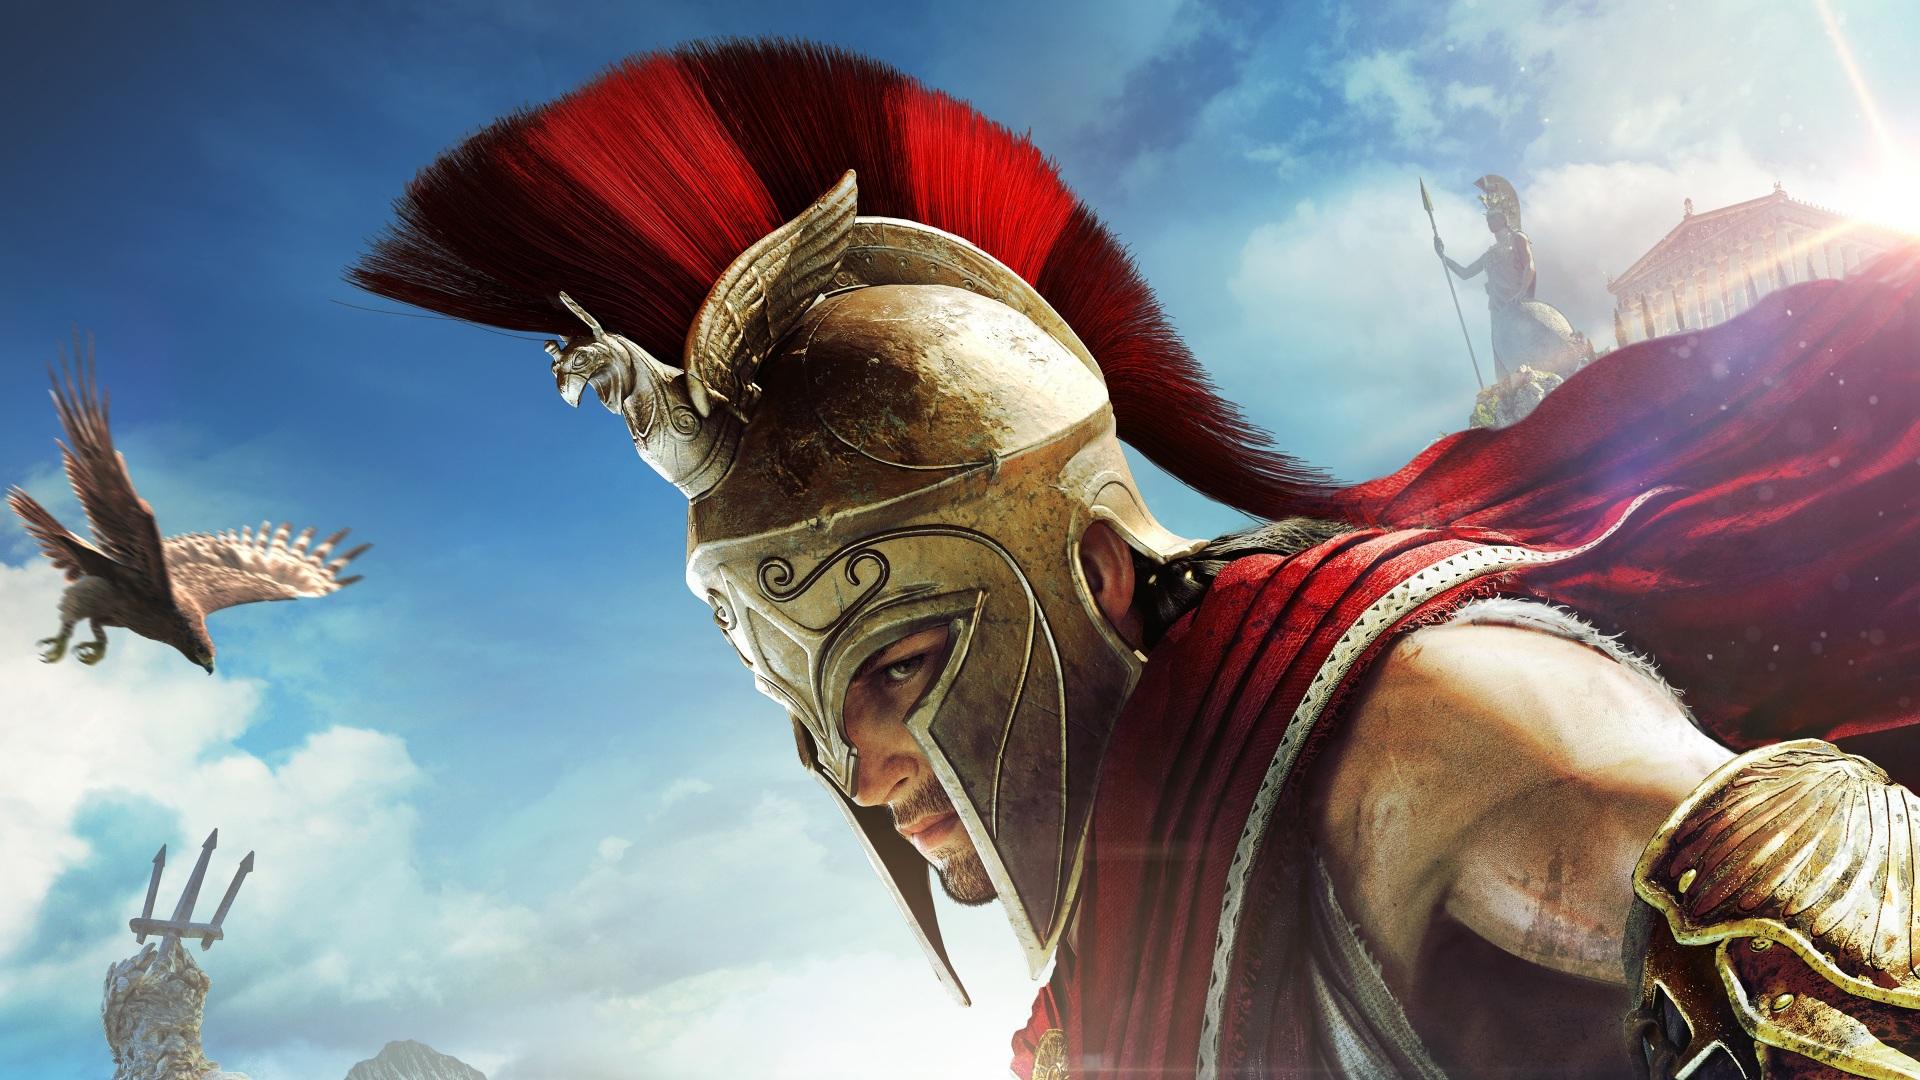 Фото Assassin's Creed Odyssey воины шлема Игры 1920x1080 воин Шлем в шлеме Воители компьютерная игра